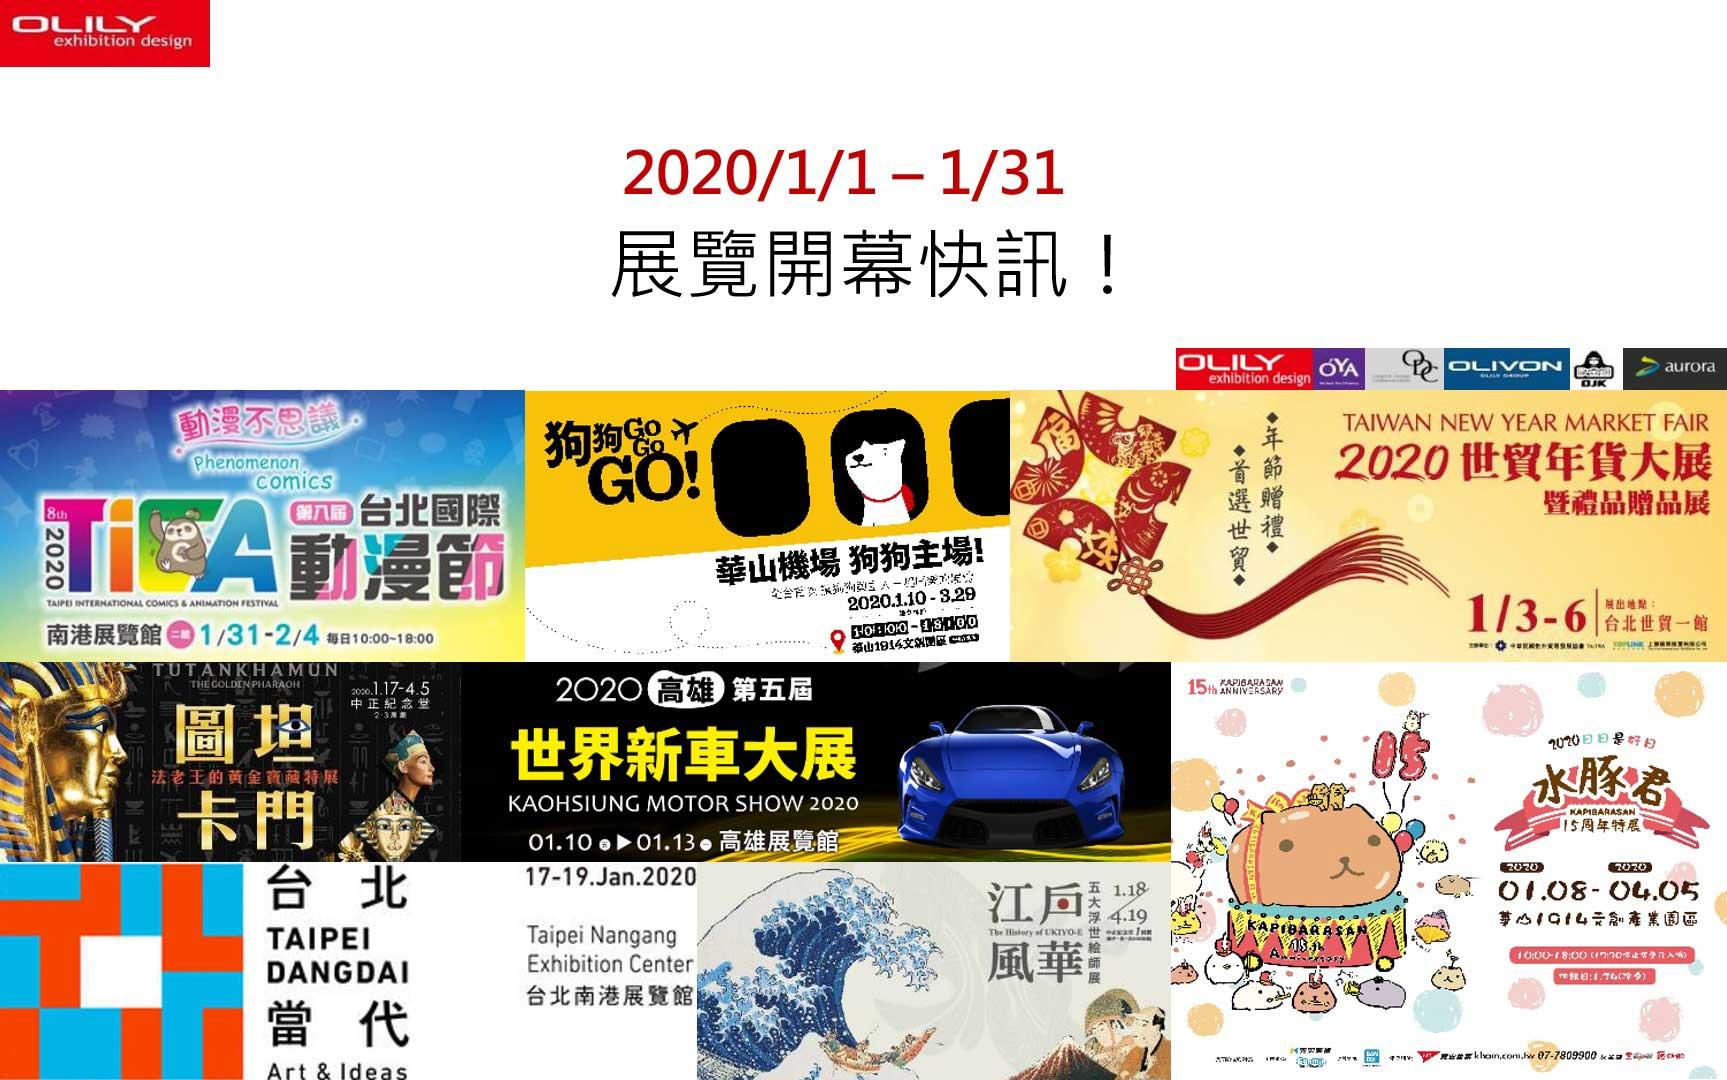 2020年1月展覽資訊 - 展覽設計推薦歐立利展場設計